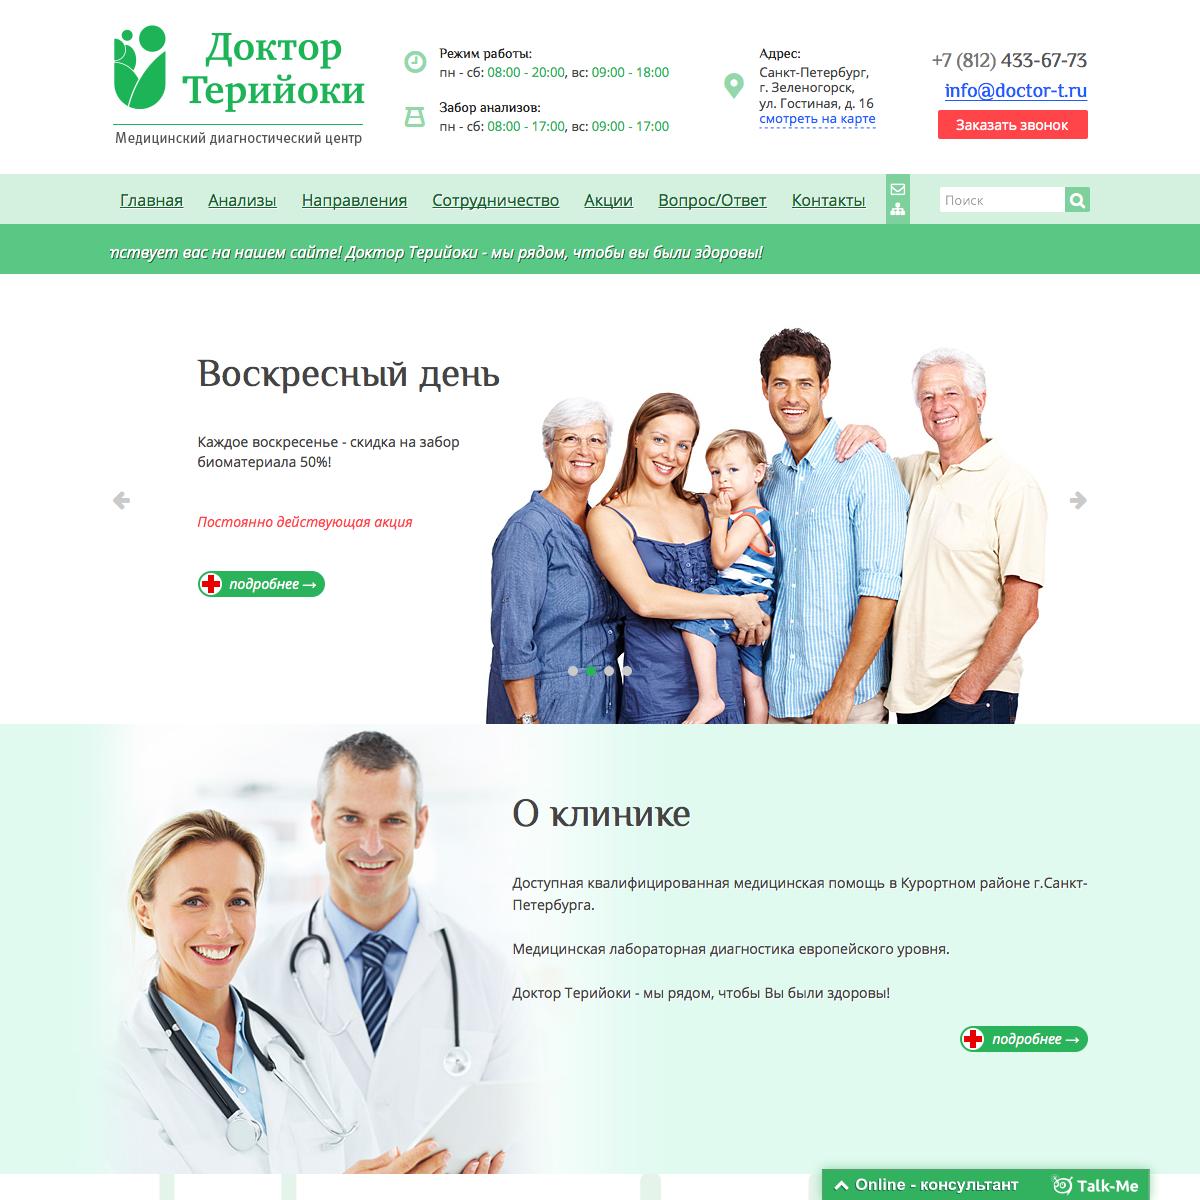 Доктор Терийоки